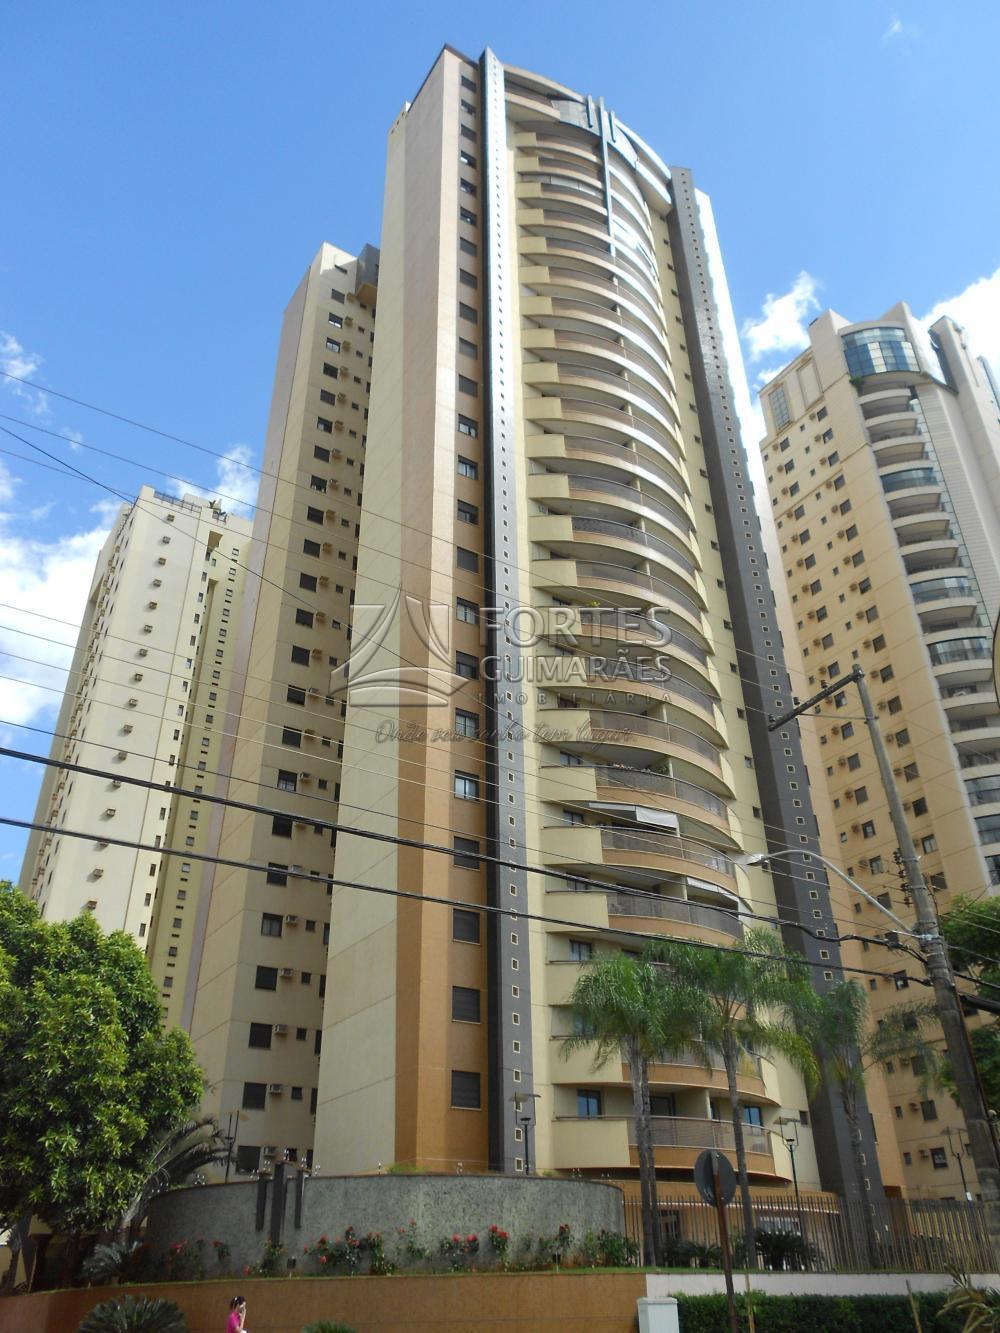 Alugar Apartamentos / Padrão em Ribeirão Preto apenas R$ 1.900,00 - Foto 1